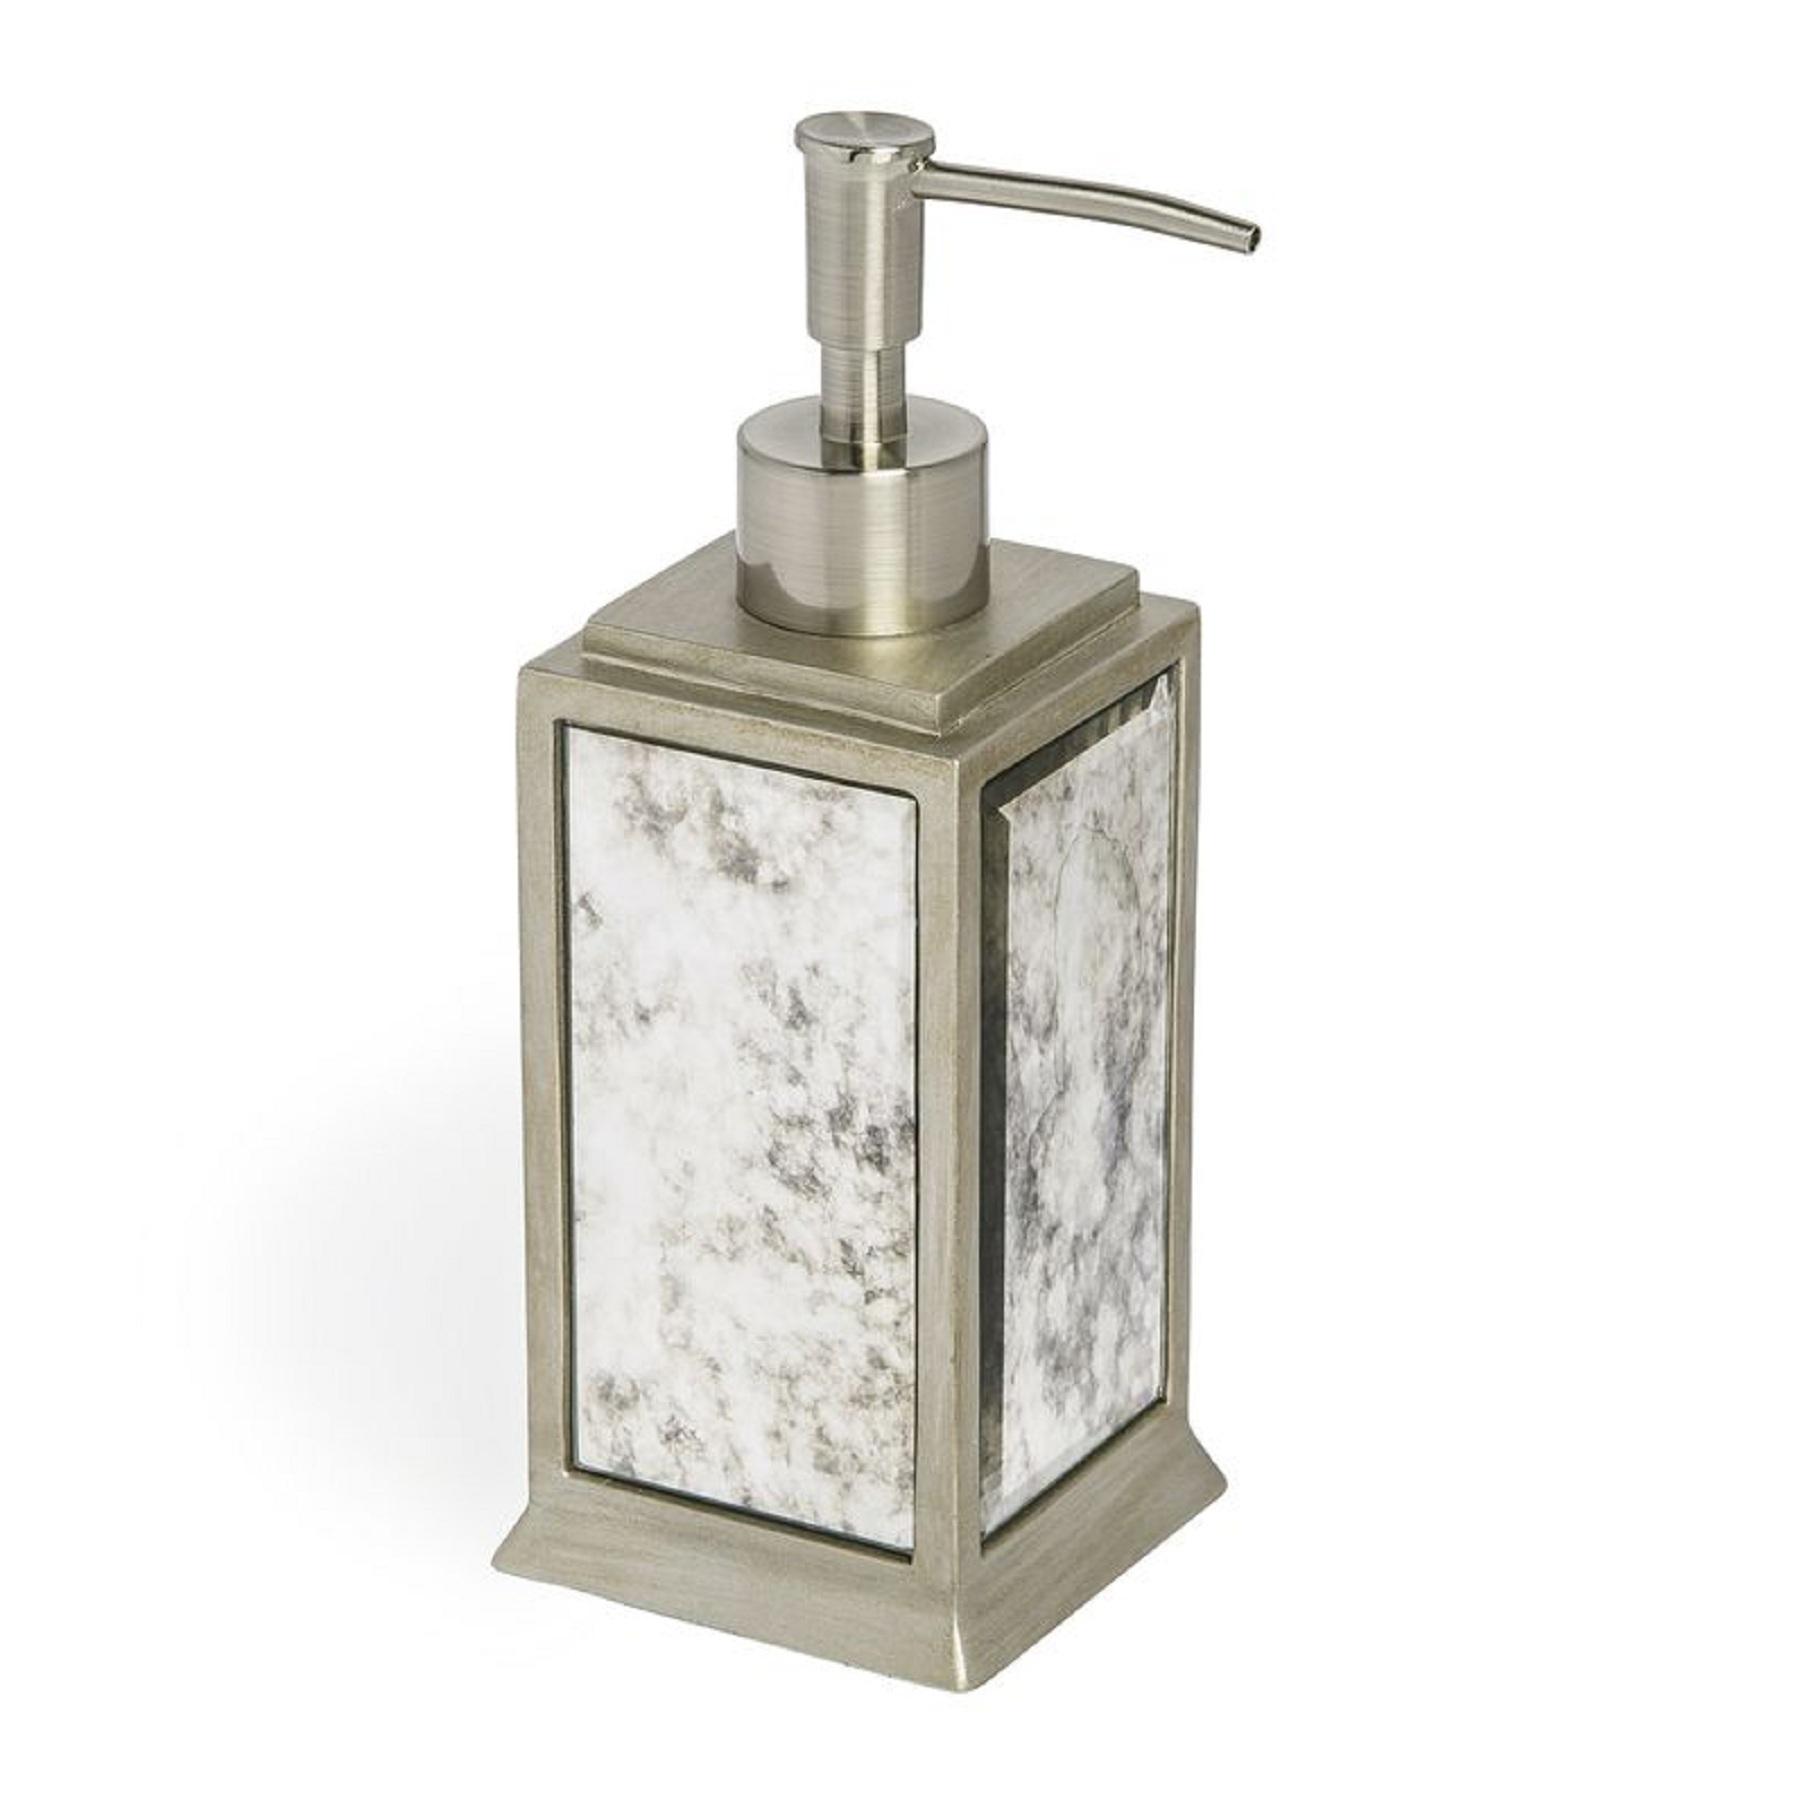 Дозаторы для мыла Дозатор для жидкого мыла Kassatex Palazzo Vintage Mirror dozator-dlya-zhidkogo-mila-palazzo-vintage-mirror-ot-kassatex-ssha-kitay.jpeg